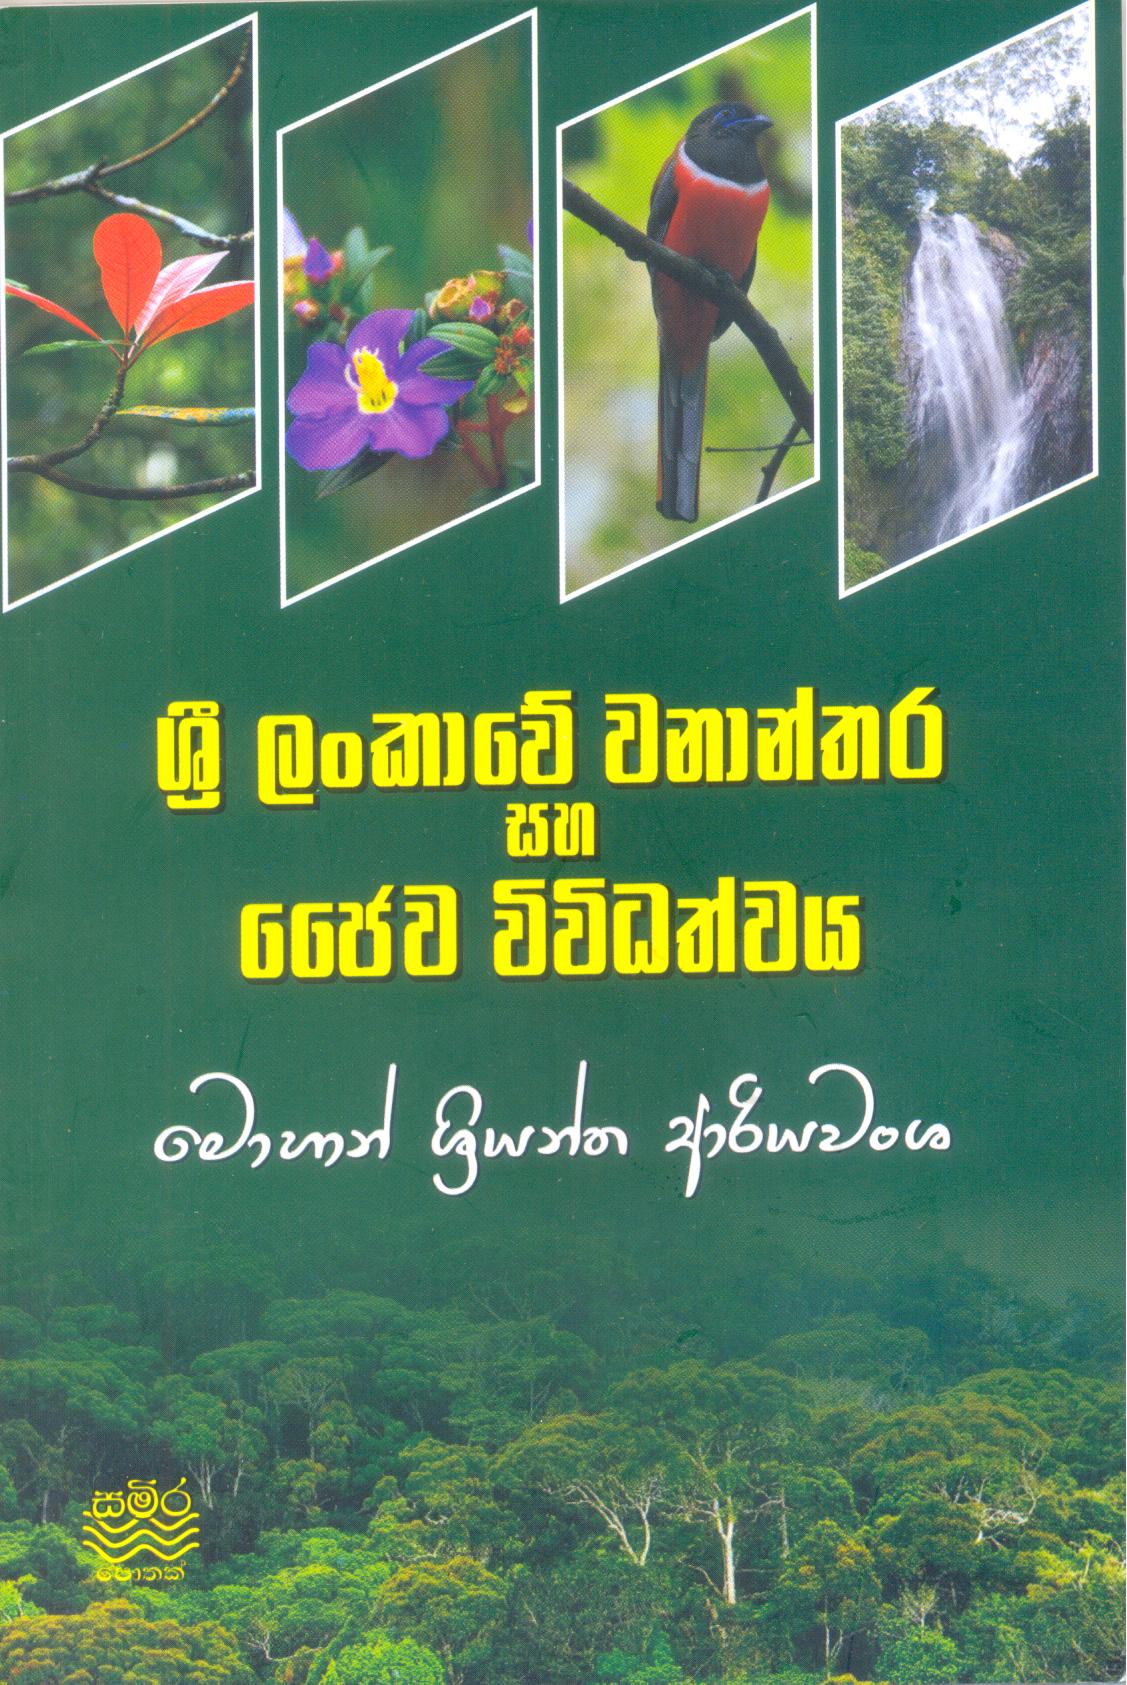 Sri Lankawe Wananthara Saha Jaiwa Vividathwaya